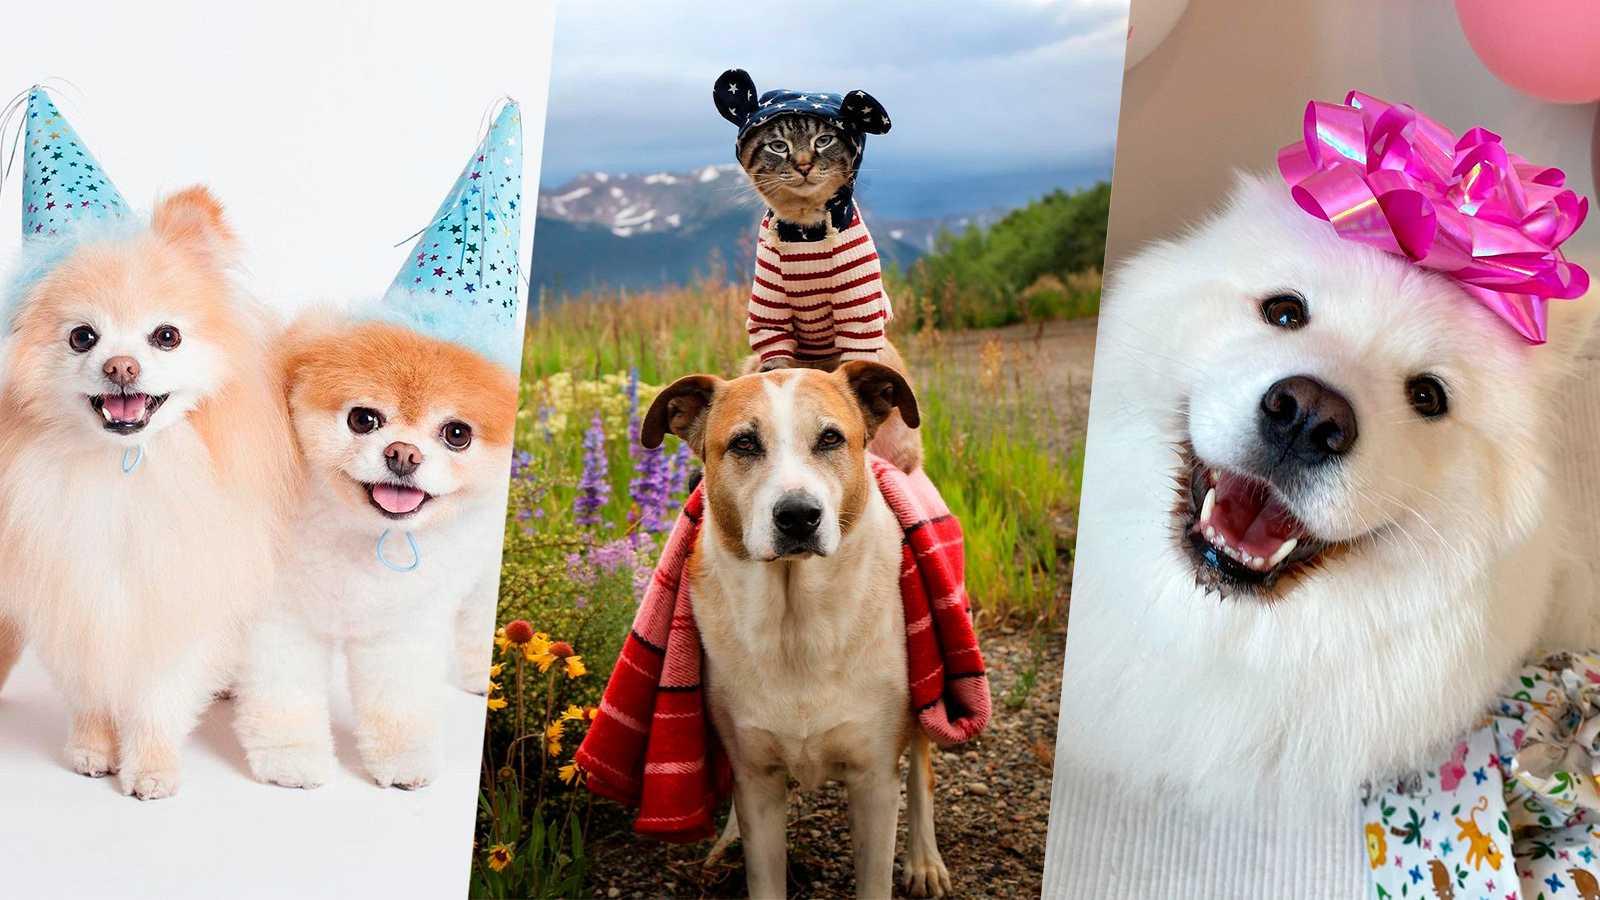 Los perritos más famosos de las redes sociales